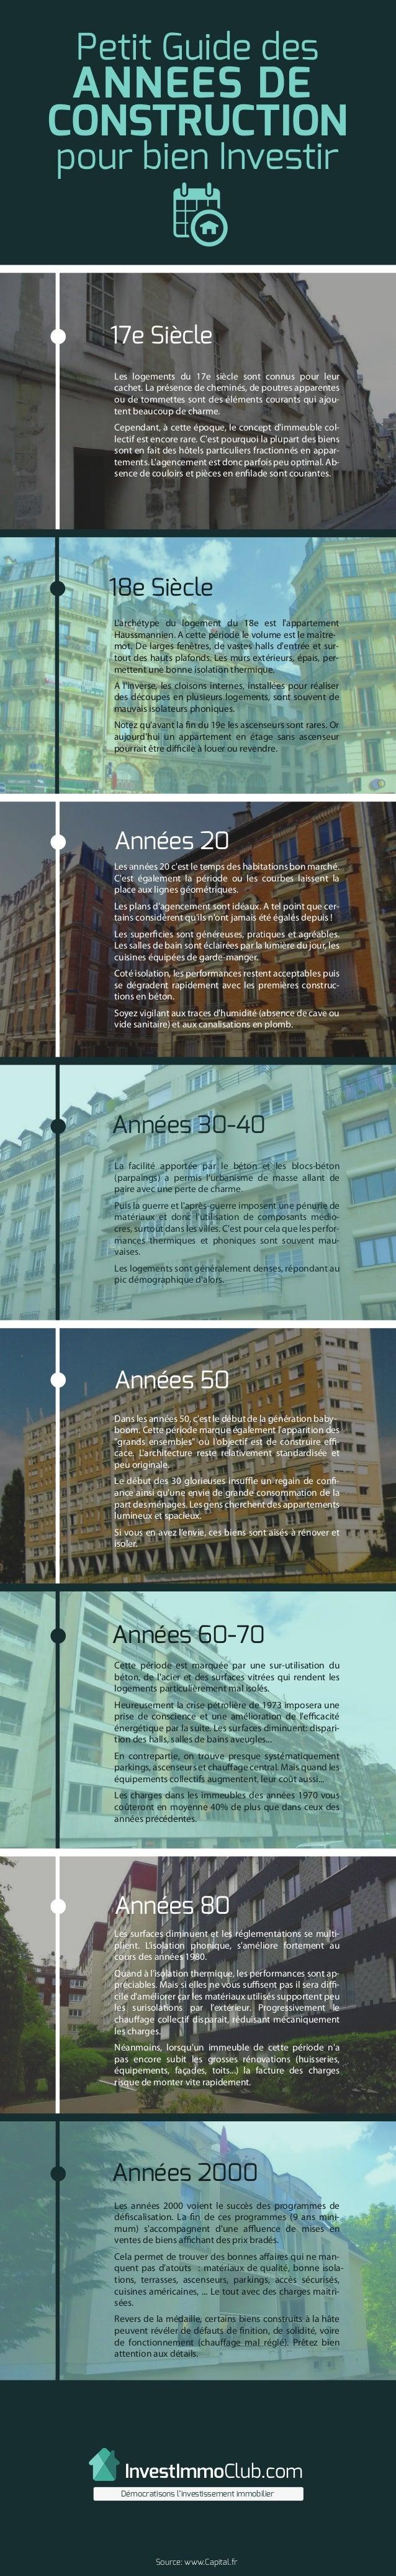 InvestImmoClub.com Démocratisons l'investissement immobilier Petit Guide des ANNEES DE CONSTRUCTION pour bien Investir Sou...